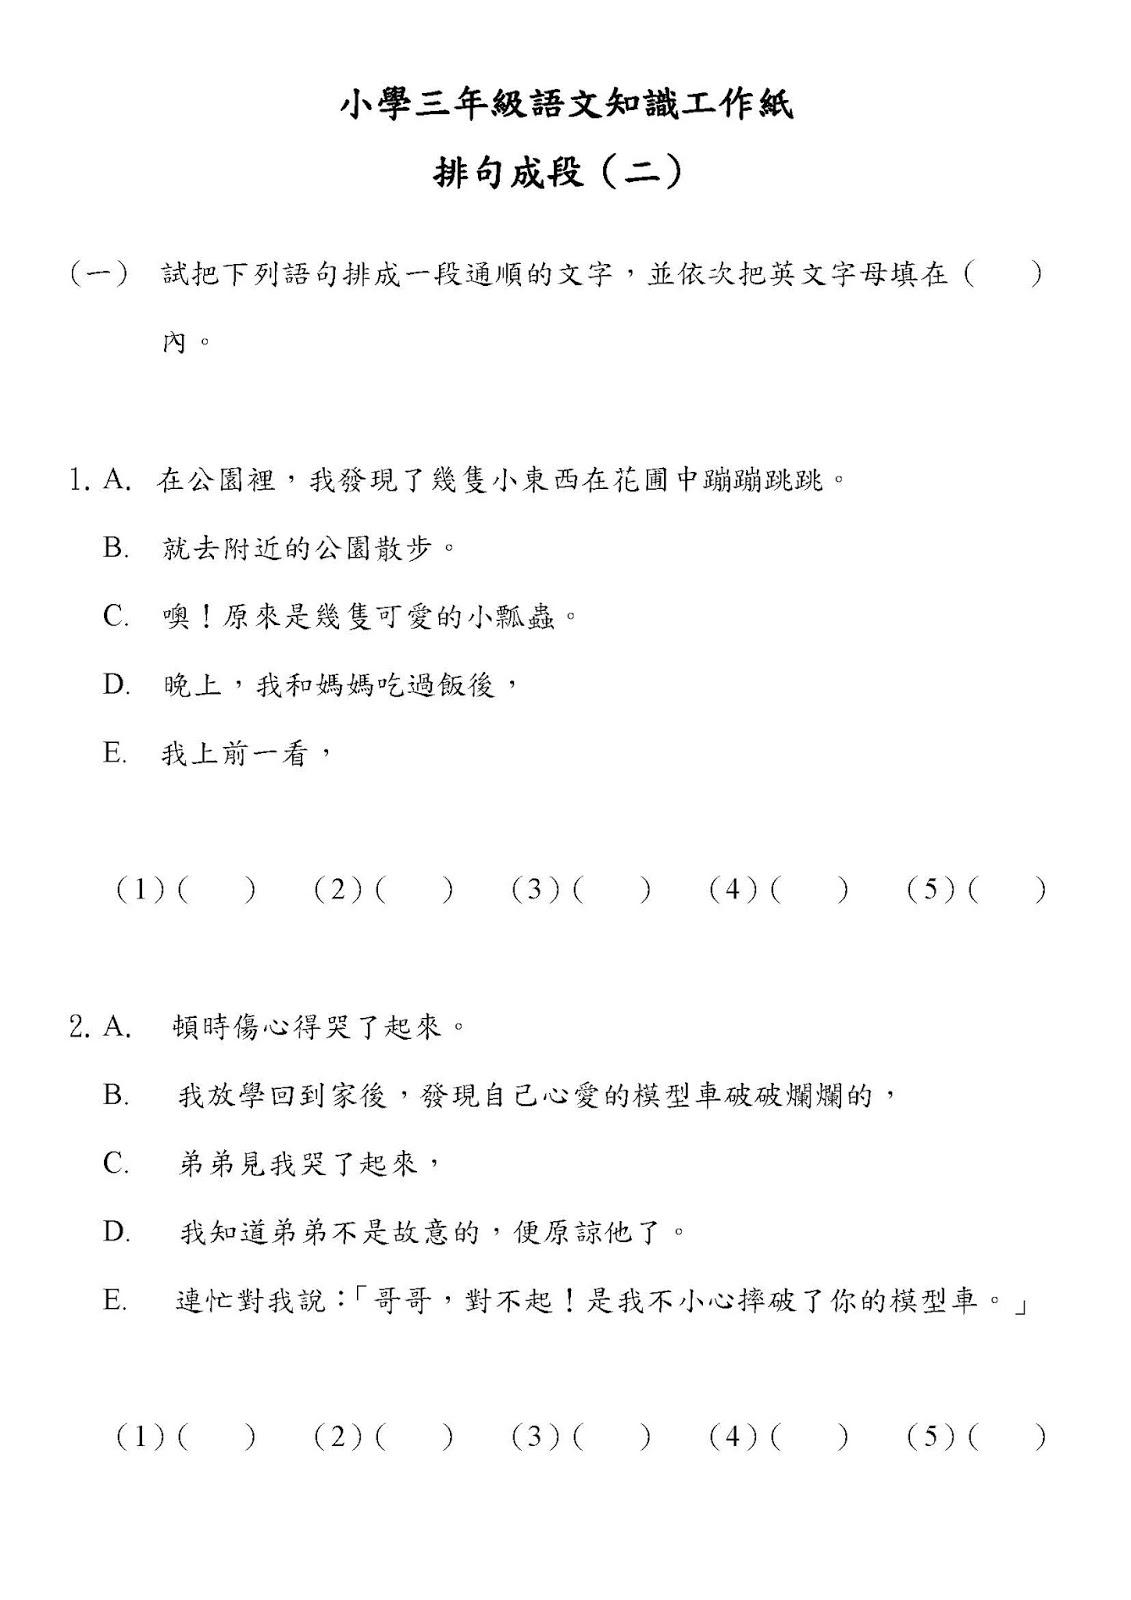 小三語文知識工作紙:排句成段(二)|中文工作紙|尤莉姐姐的反轉學堂 | 尤莉姐姐的反轉學堂